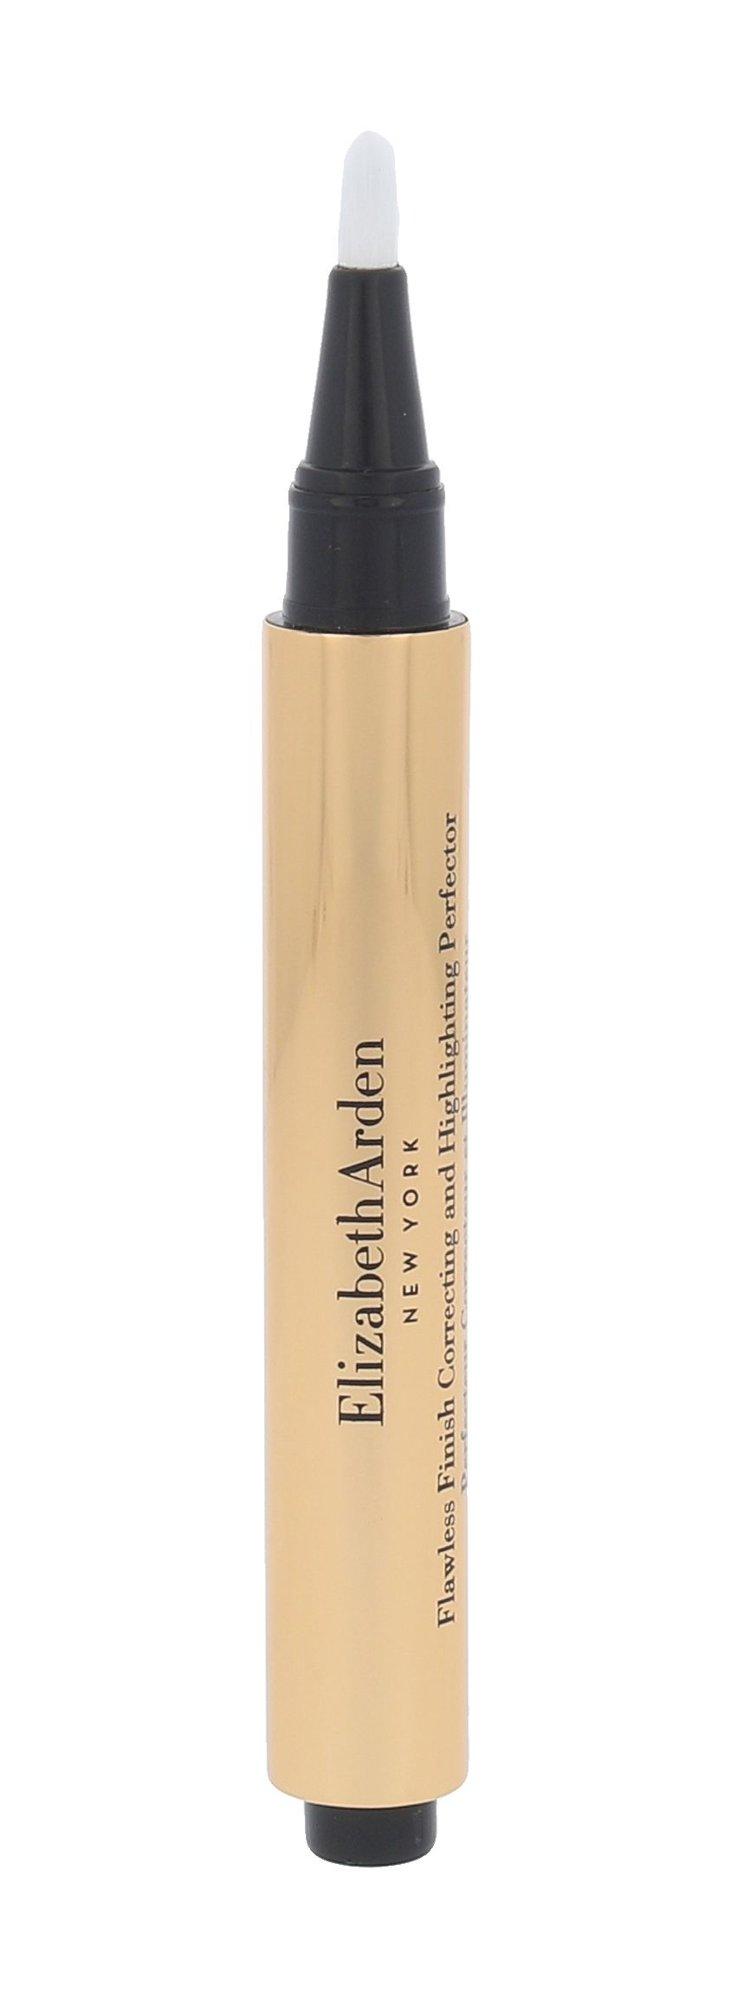 Elizabeth Arden Flawless Finish Cosmetic 2ml 3